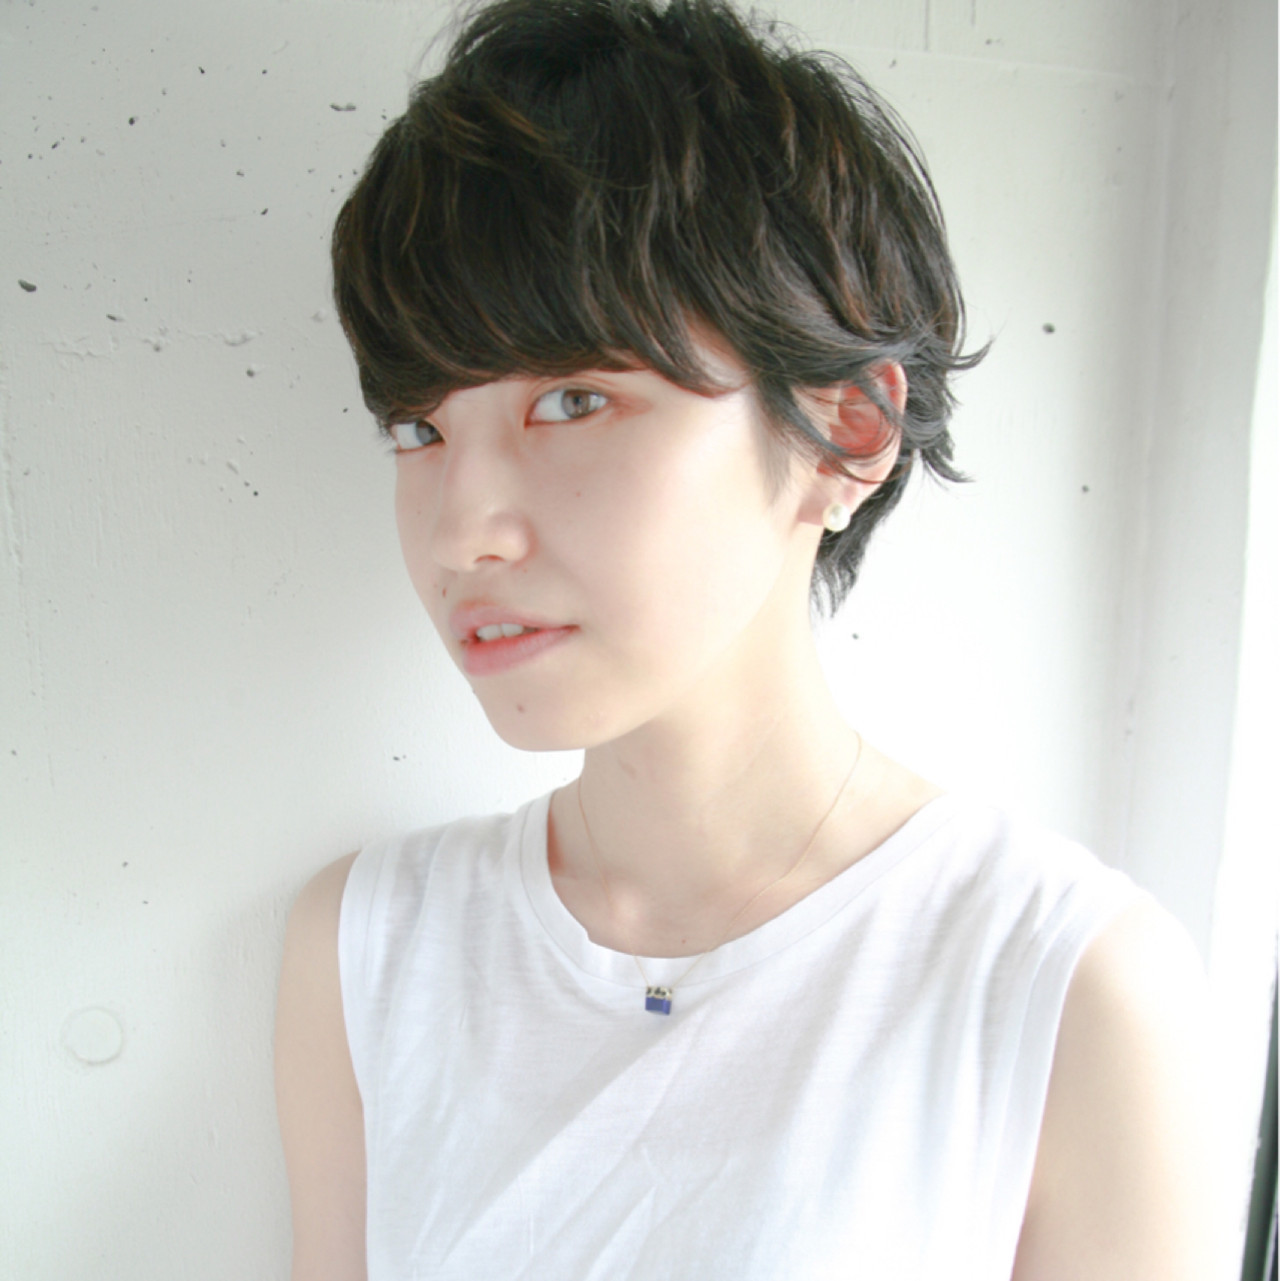 ワイドバング 前髪あり 透明感 黒髪 ヘアスタイルや髪型の写真・画像